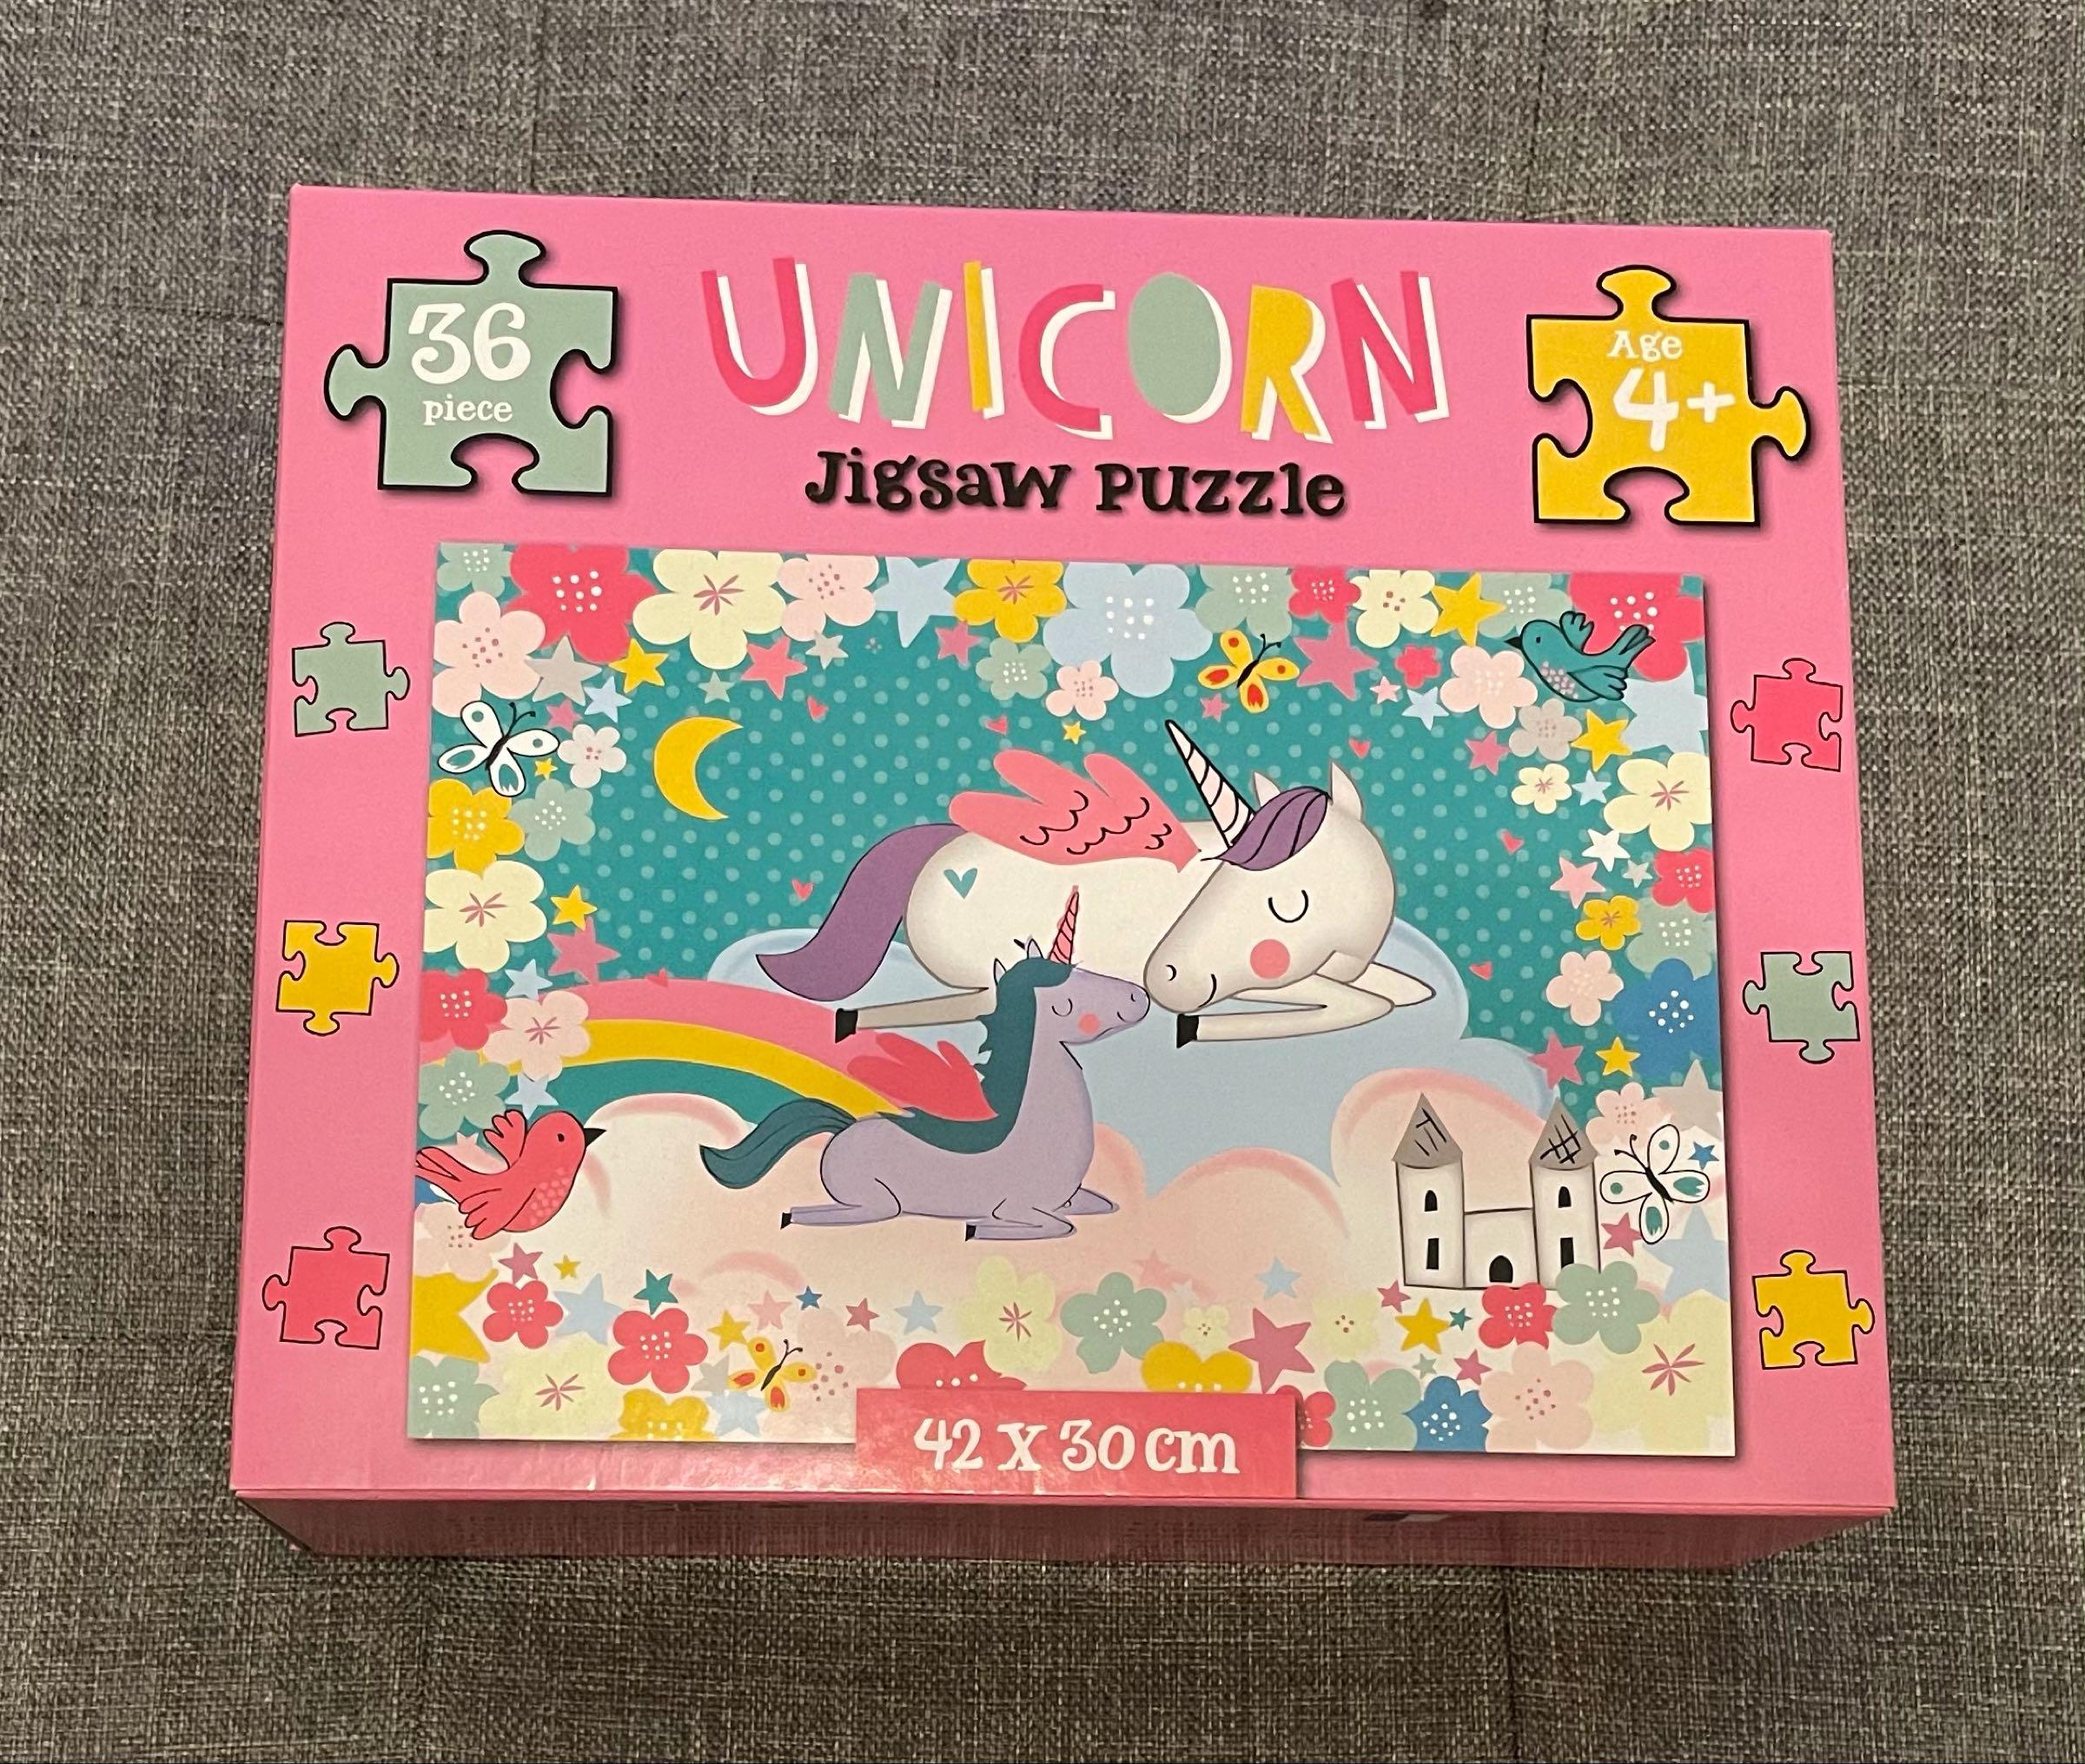 Unicorn Jigsaw Puzzle 42x30cm 36 pieces